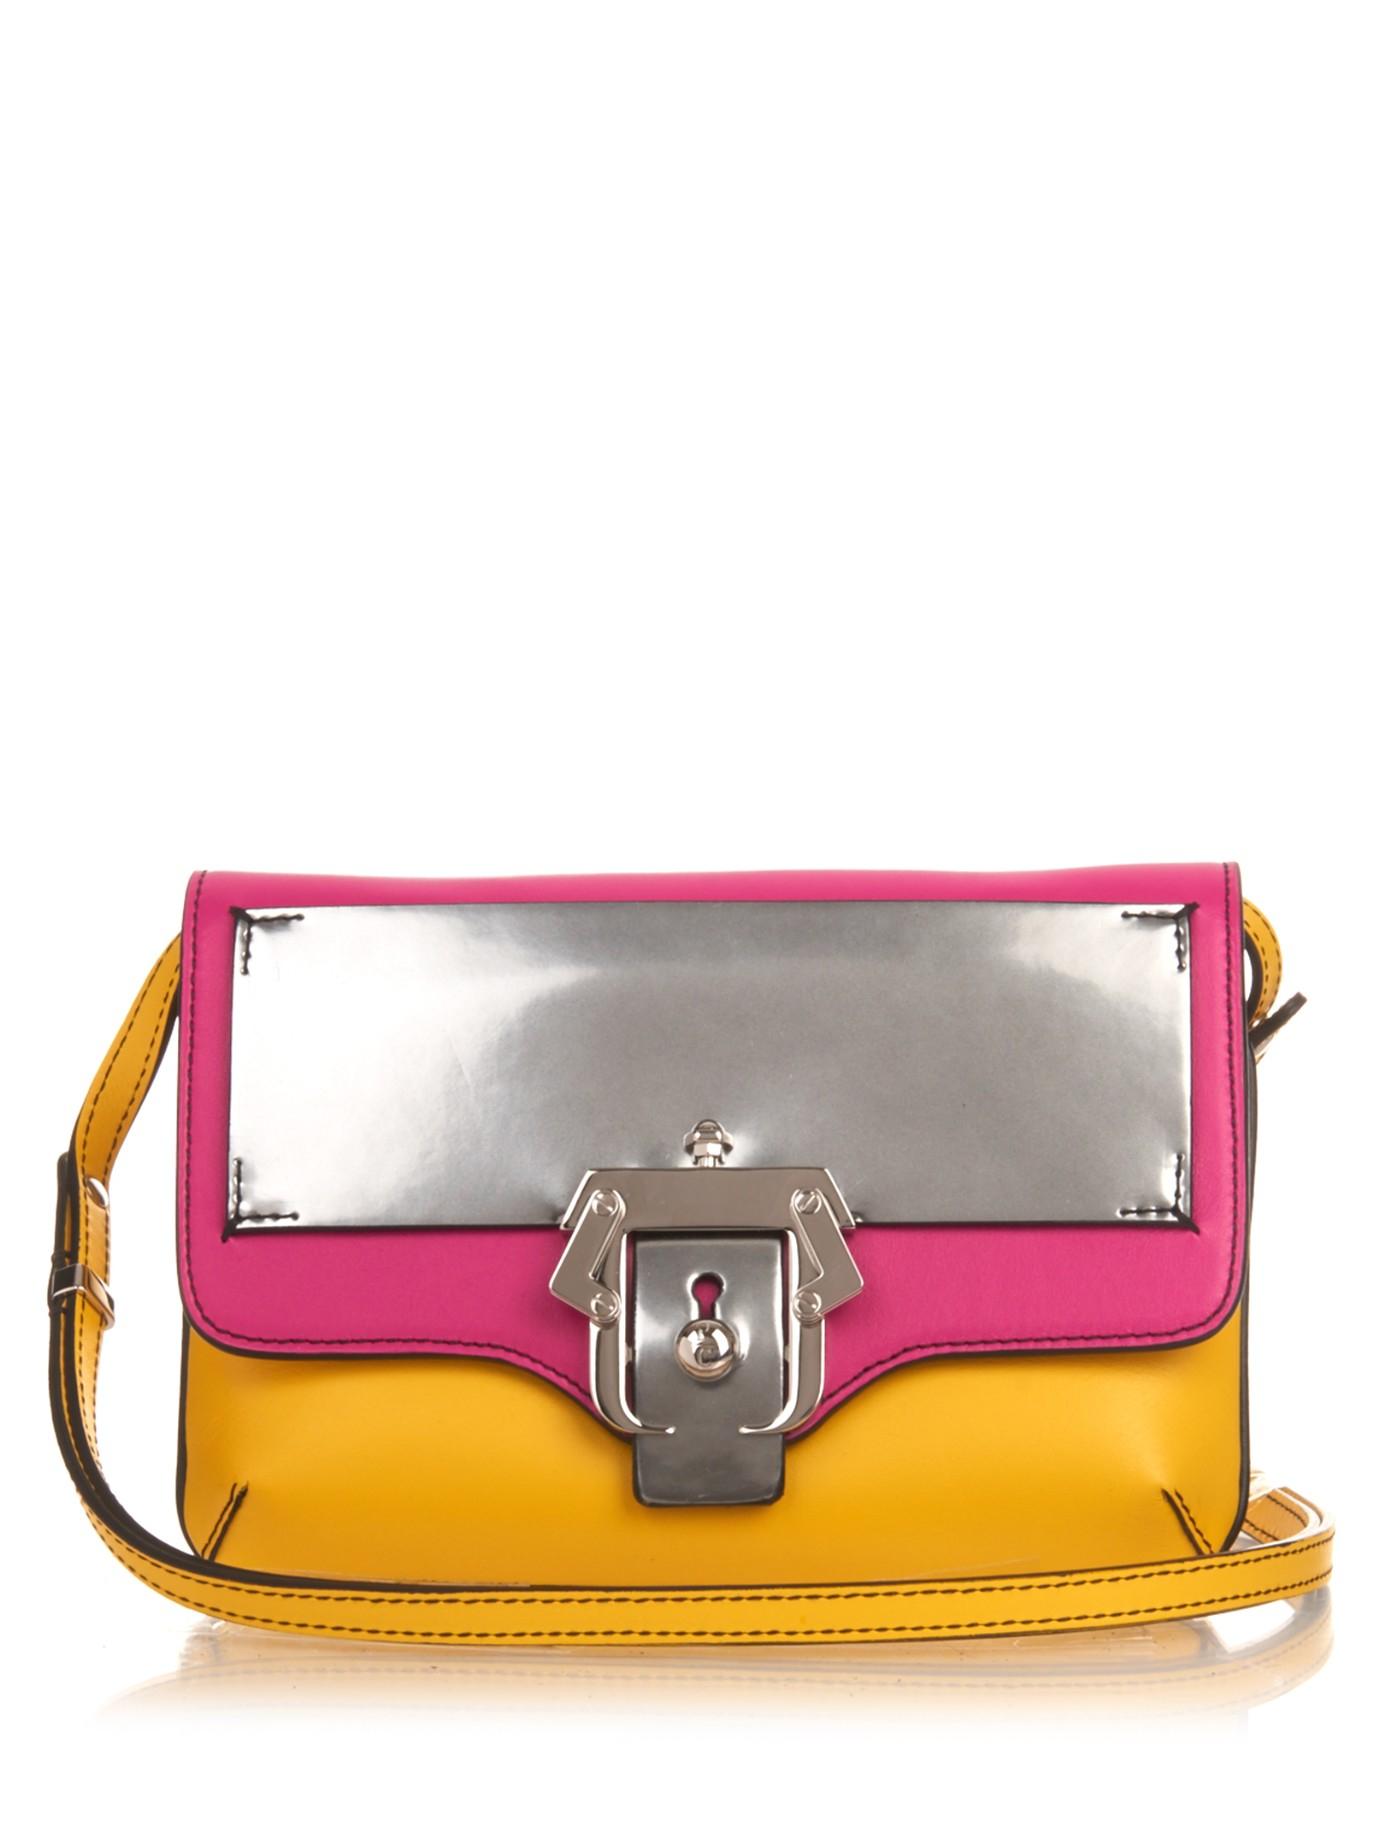 PAULA CADEMARTORI Rose crossbody bag Kke1wY